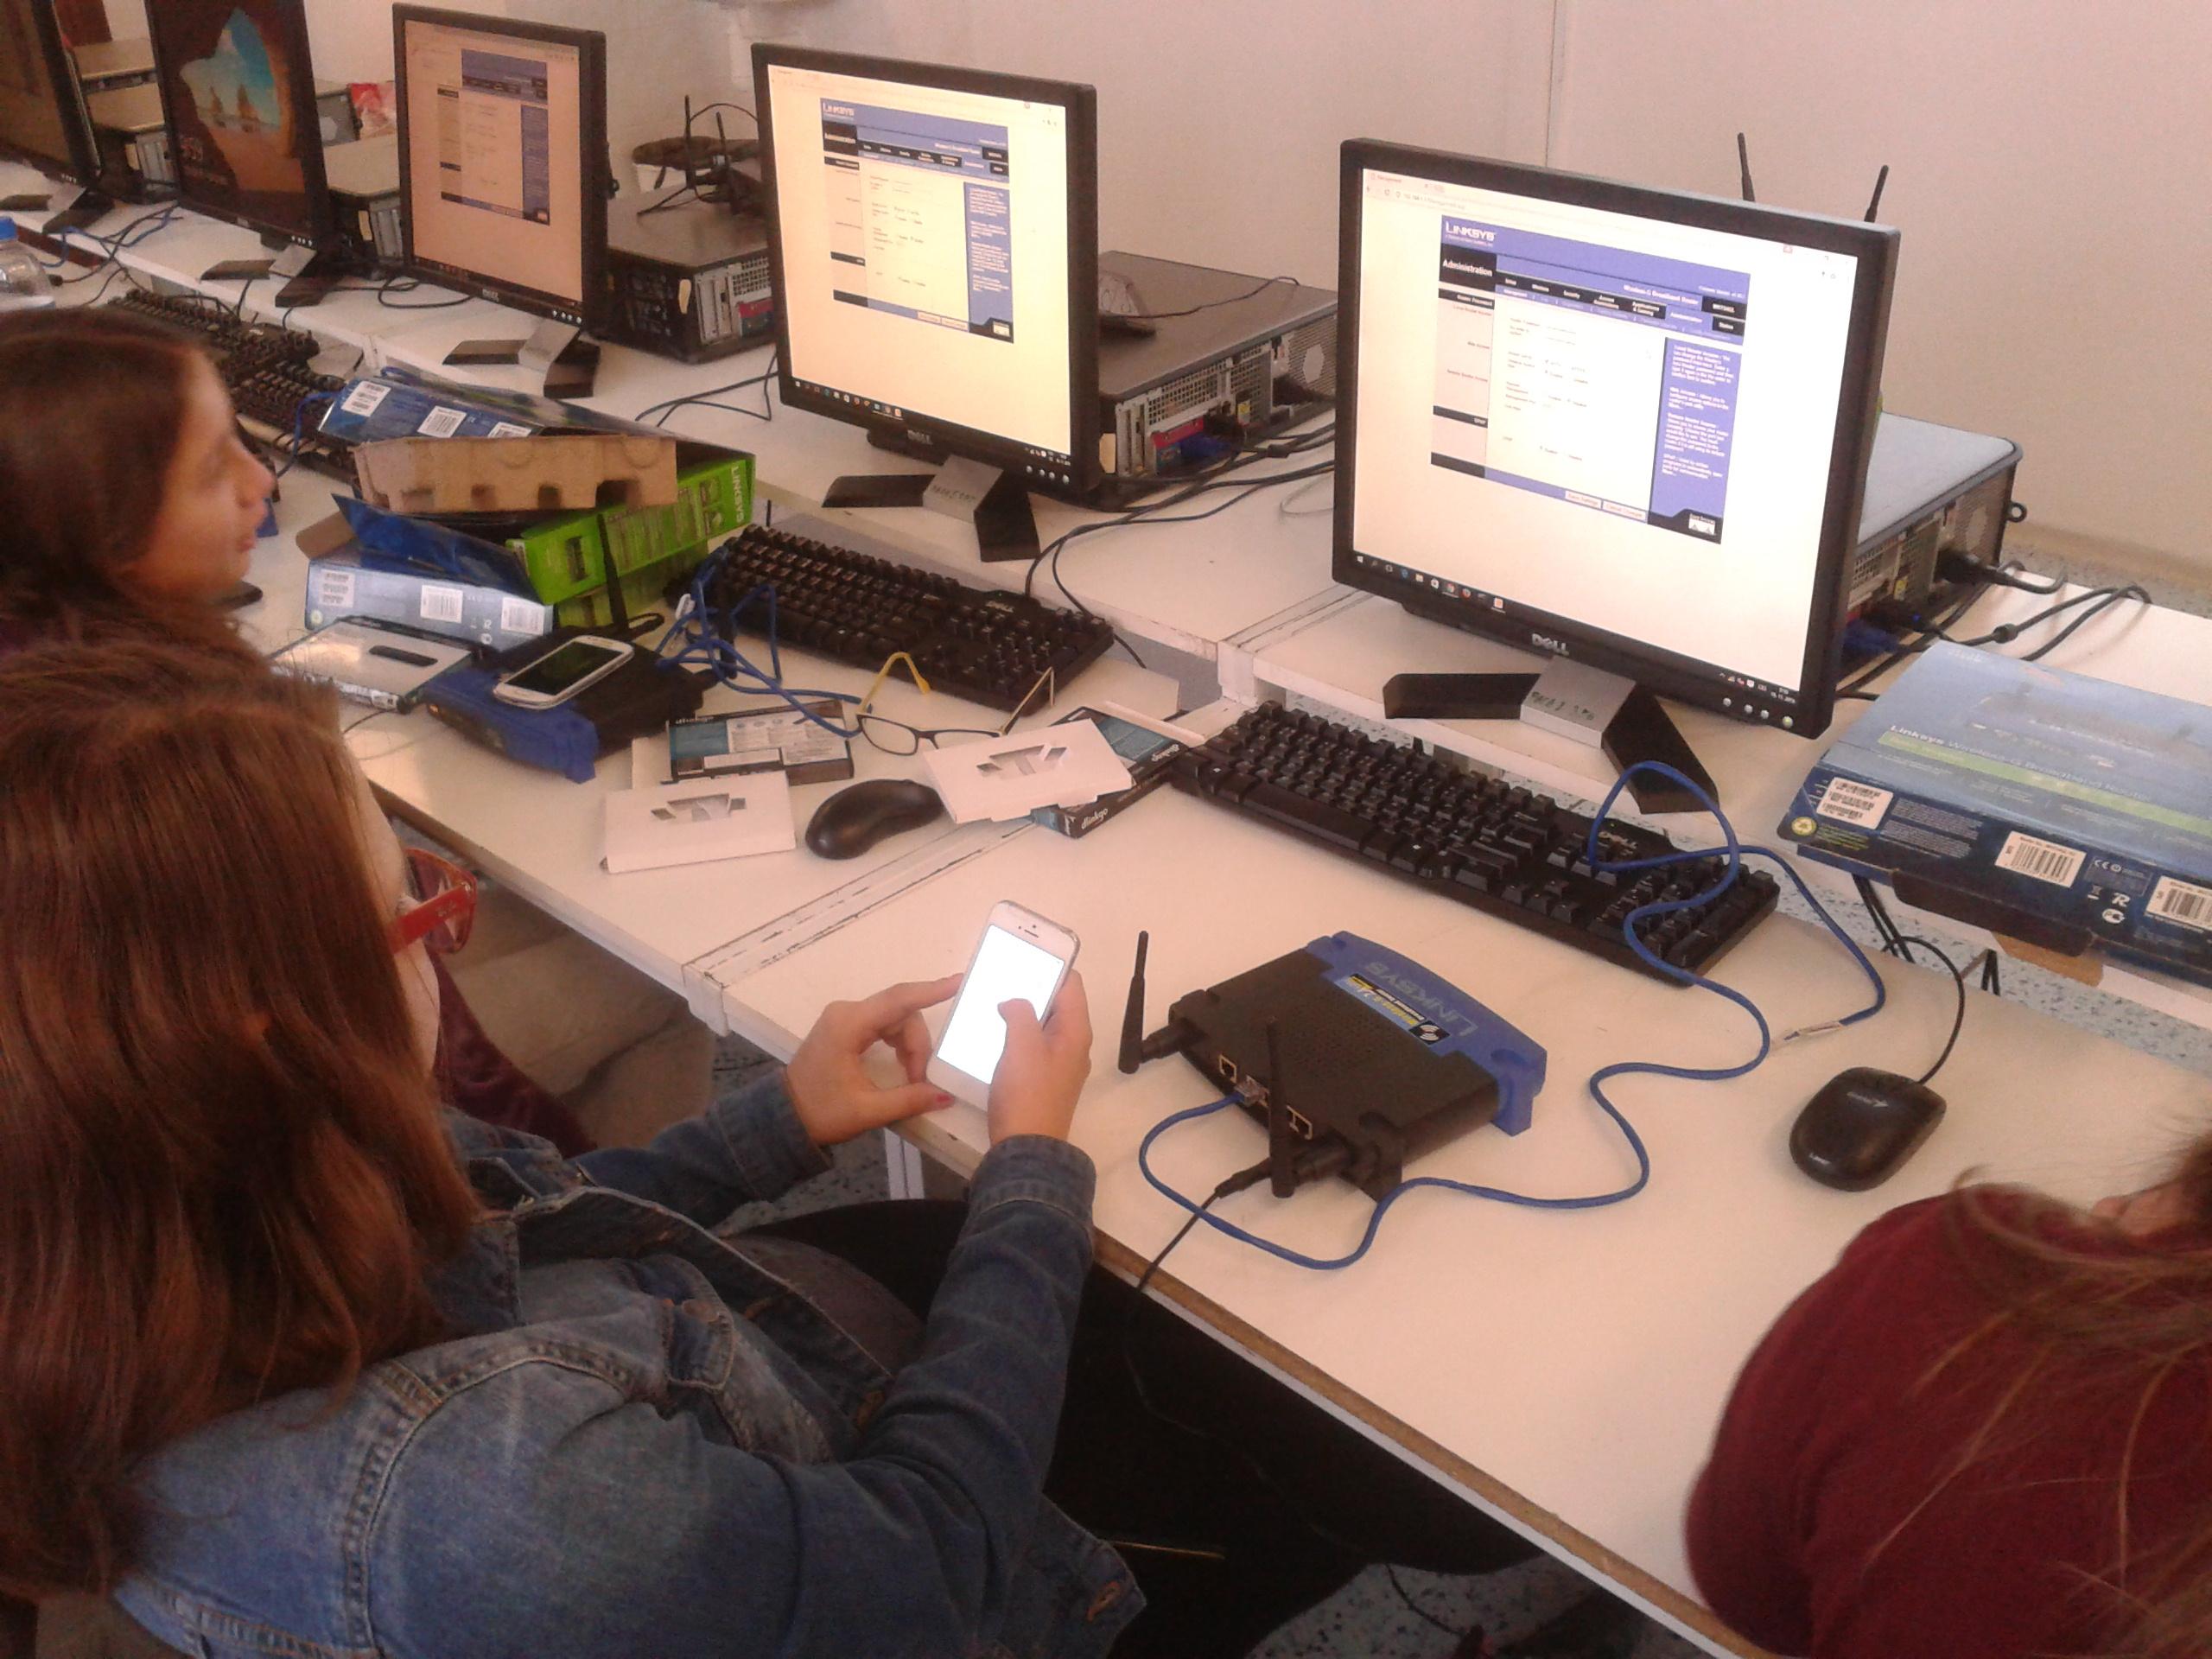 Žáci při nastavení domácí wifi.